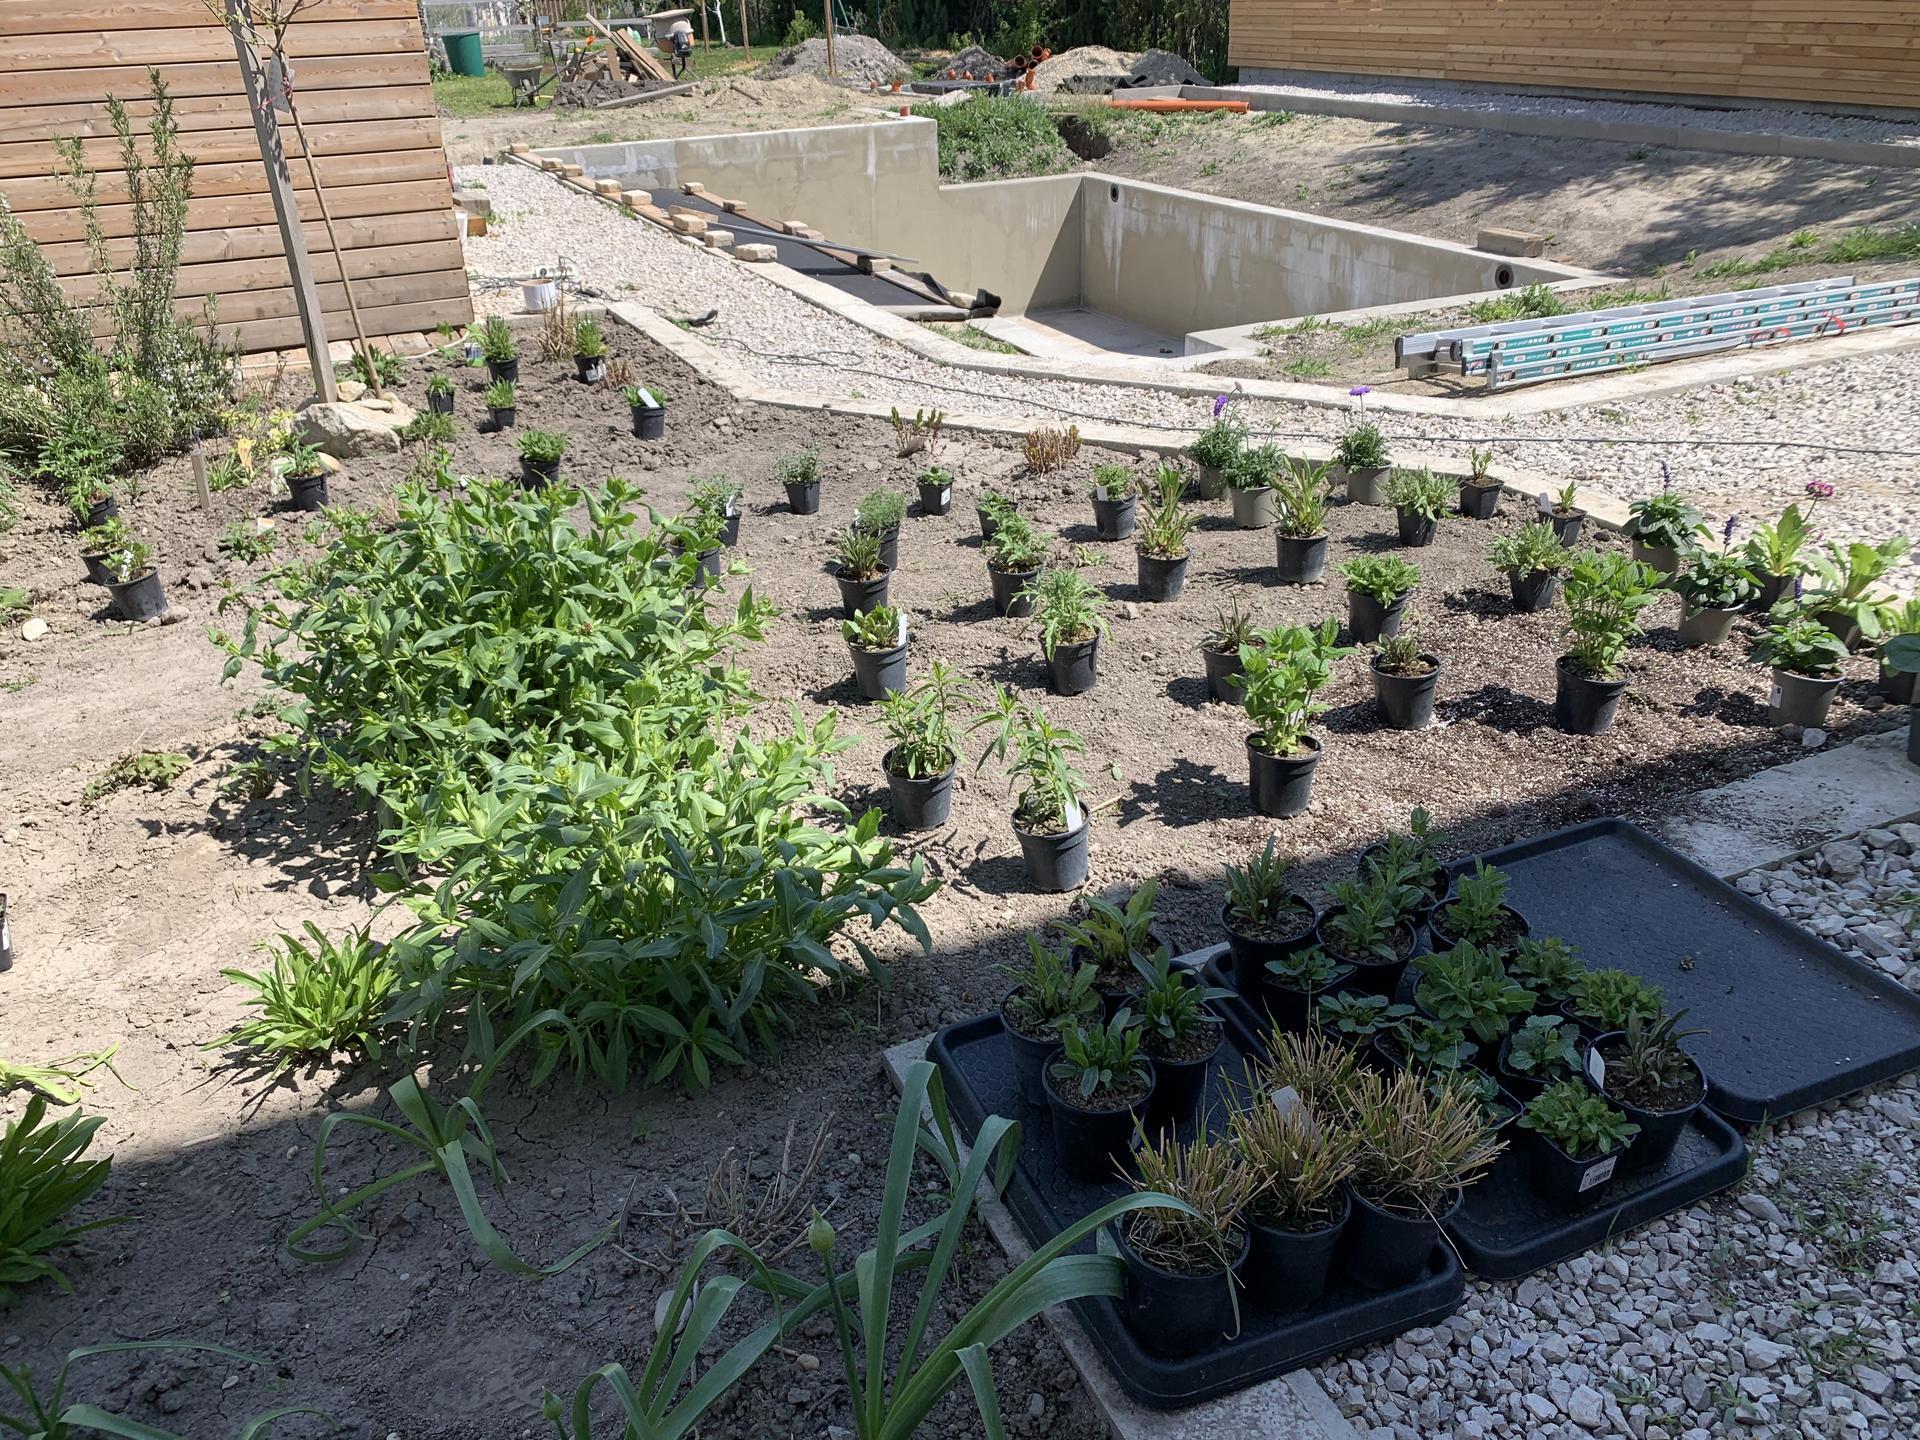 Prírodné bývanie a jedlá záhrada s biobazénom - Obrázok č. 1282